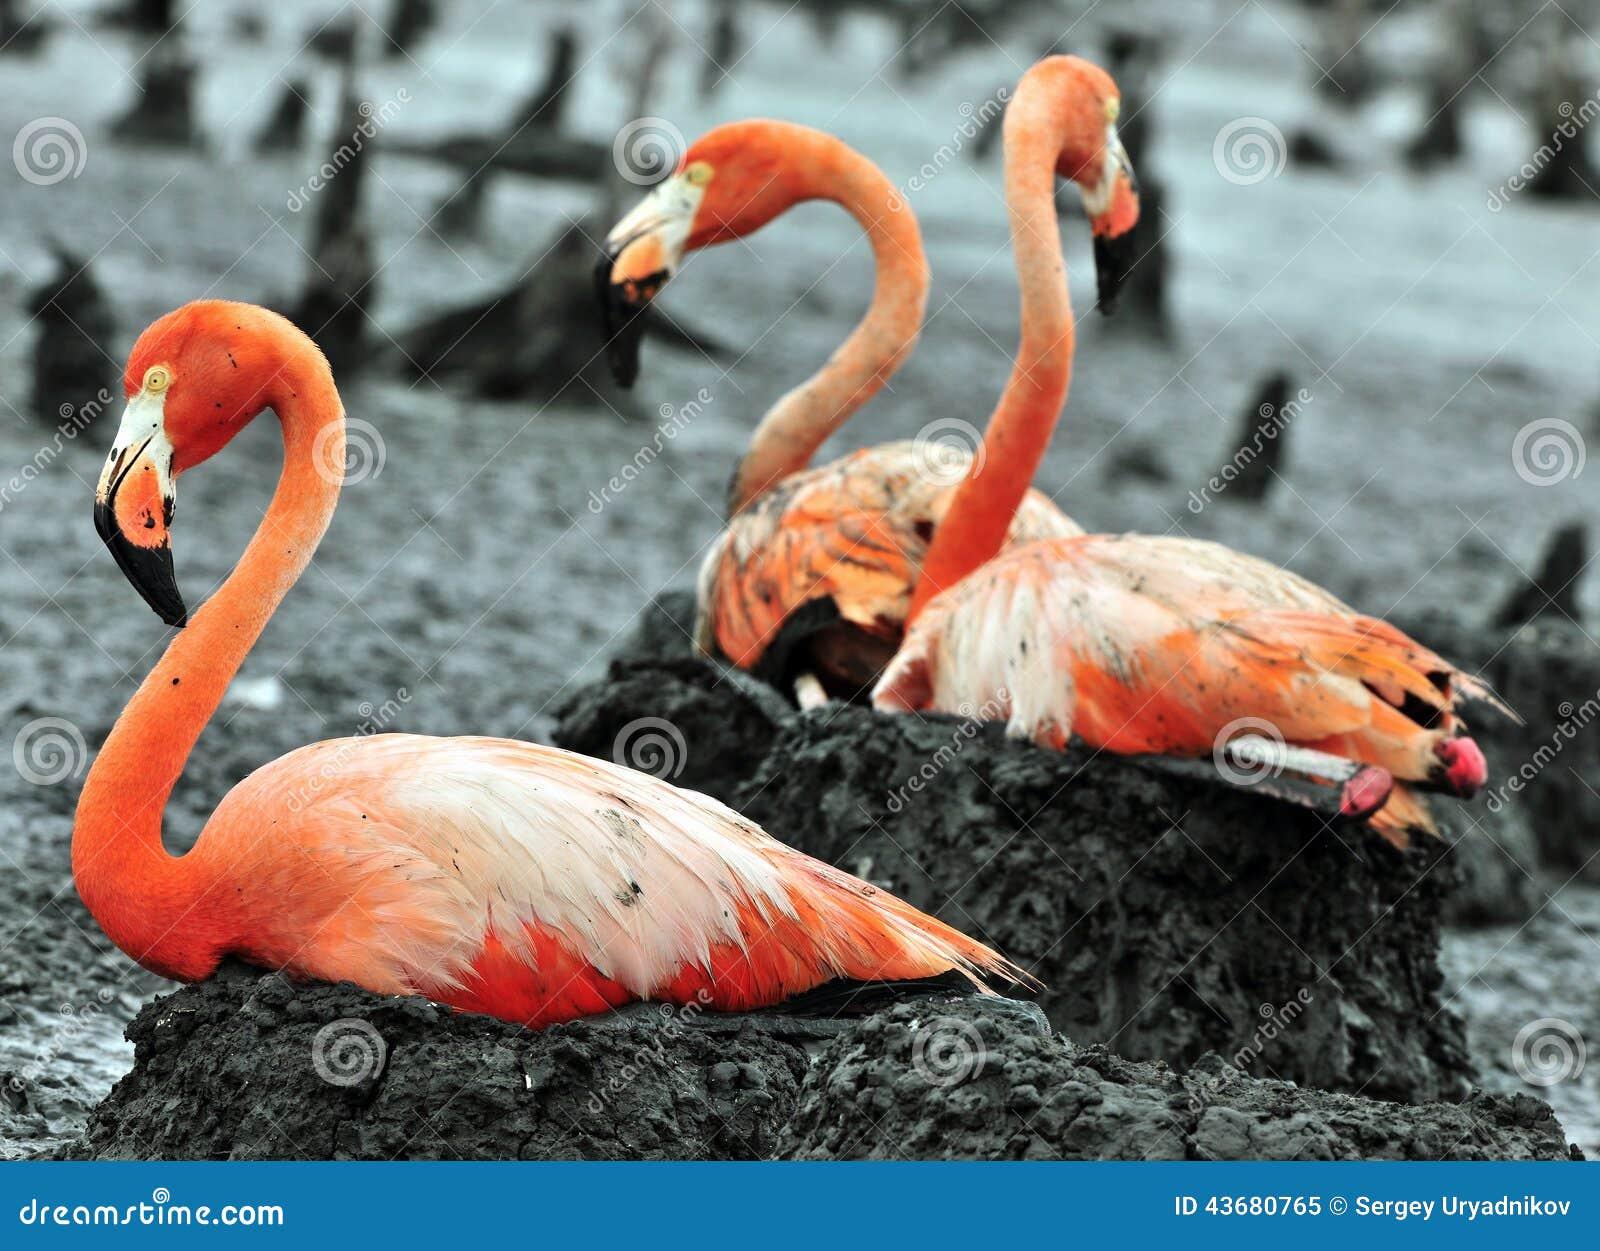 Flamingo Nests Great Flamingo Birds O...